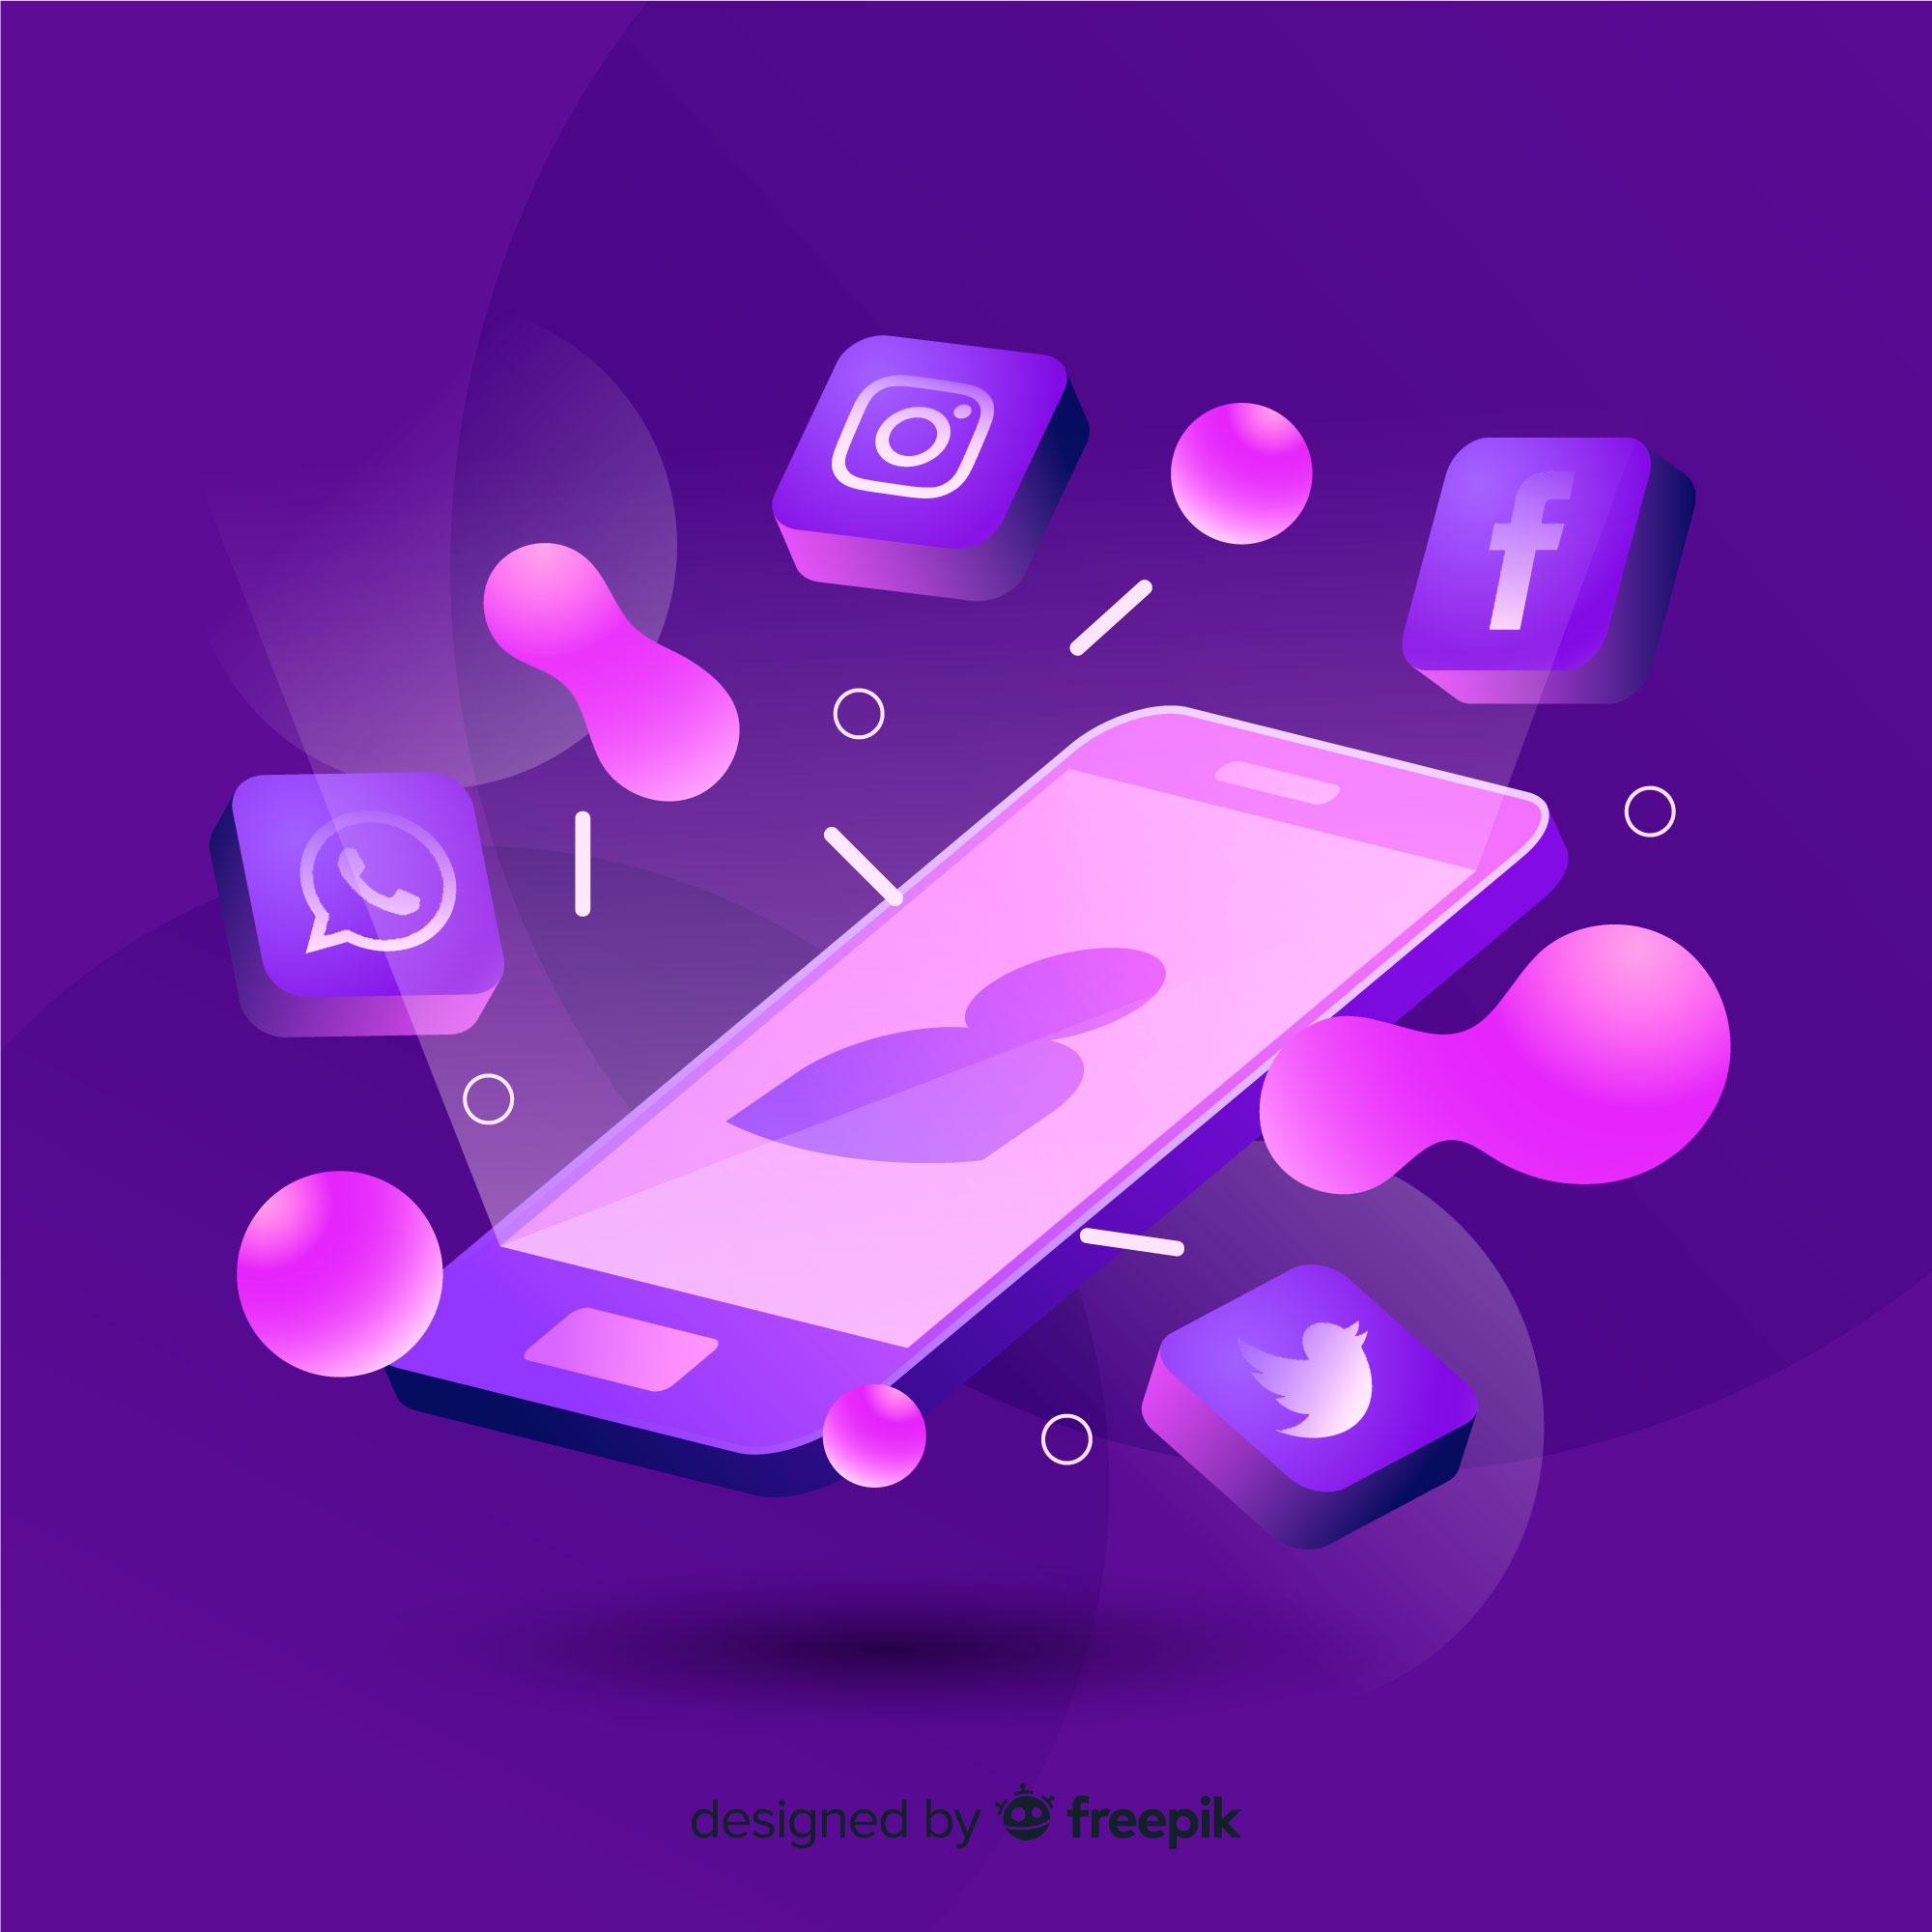 9 نکته برای رشد سریع در شبکه های اجتماعی